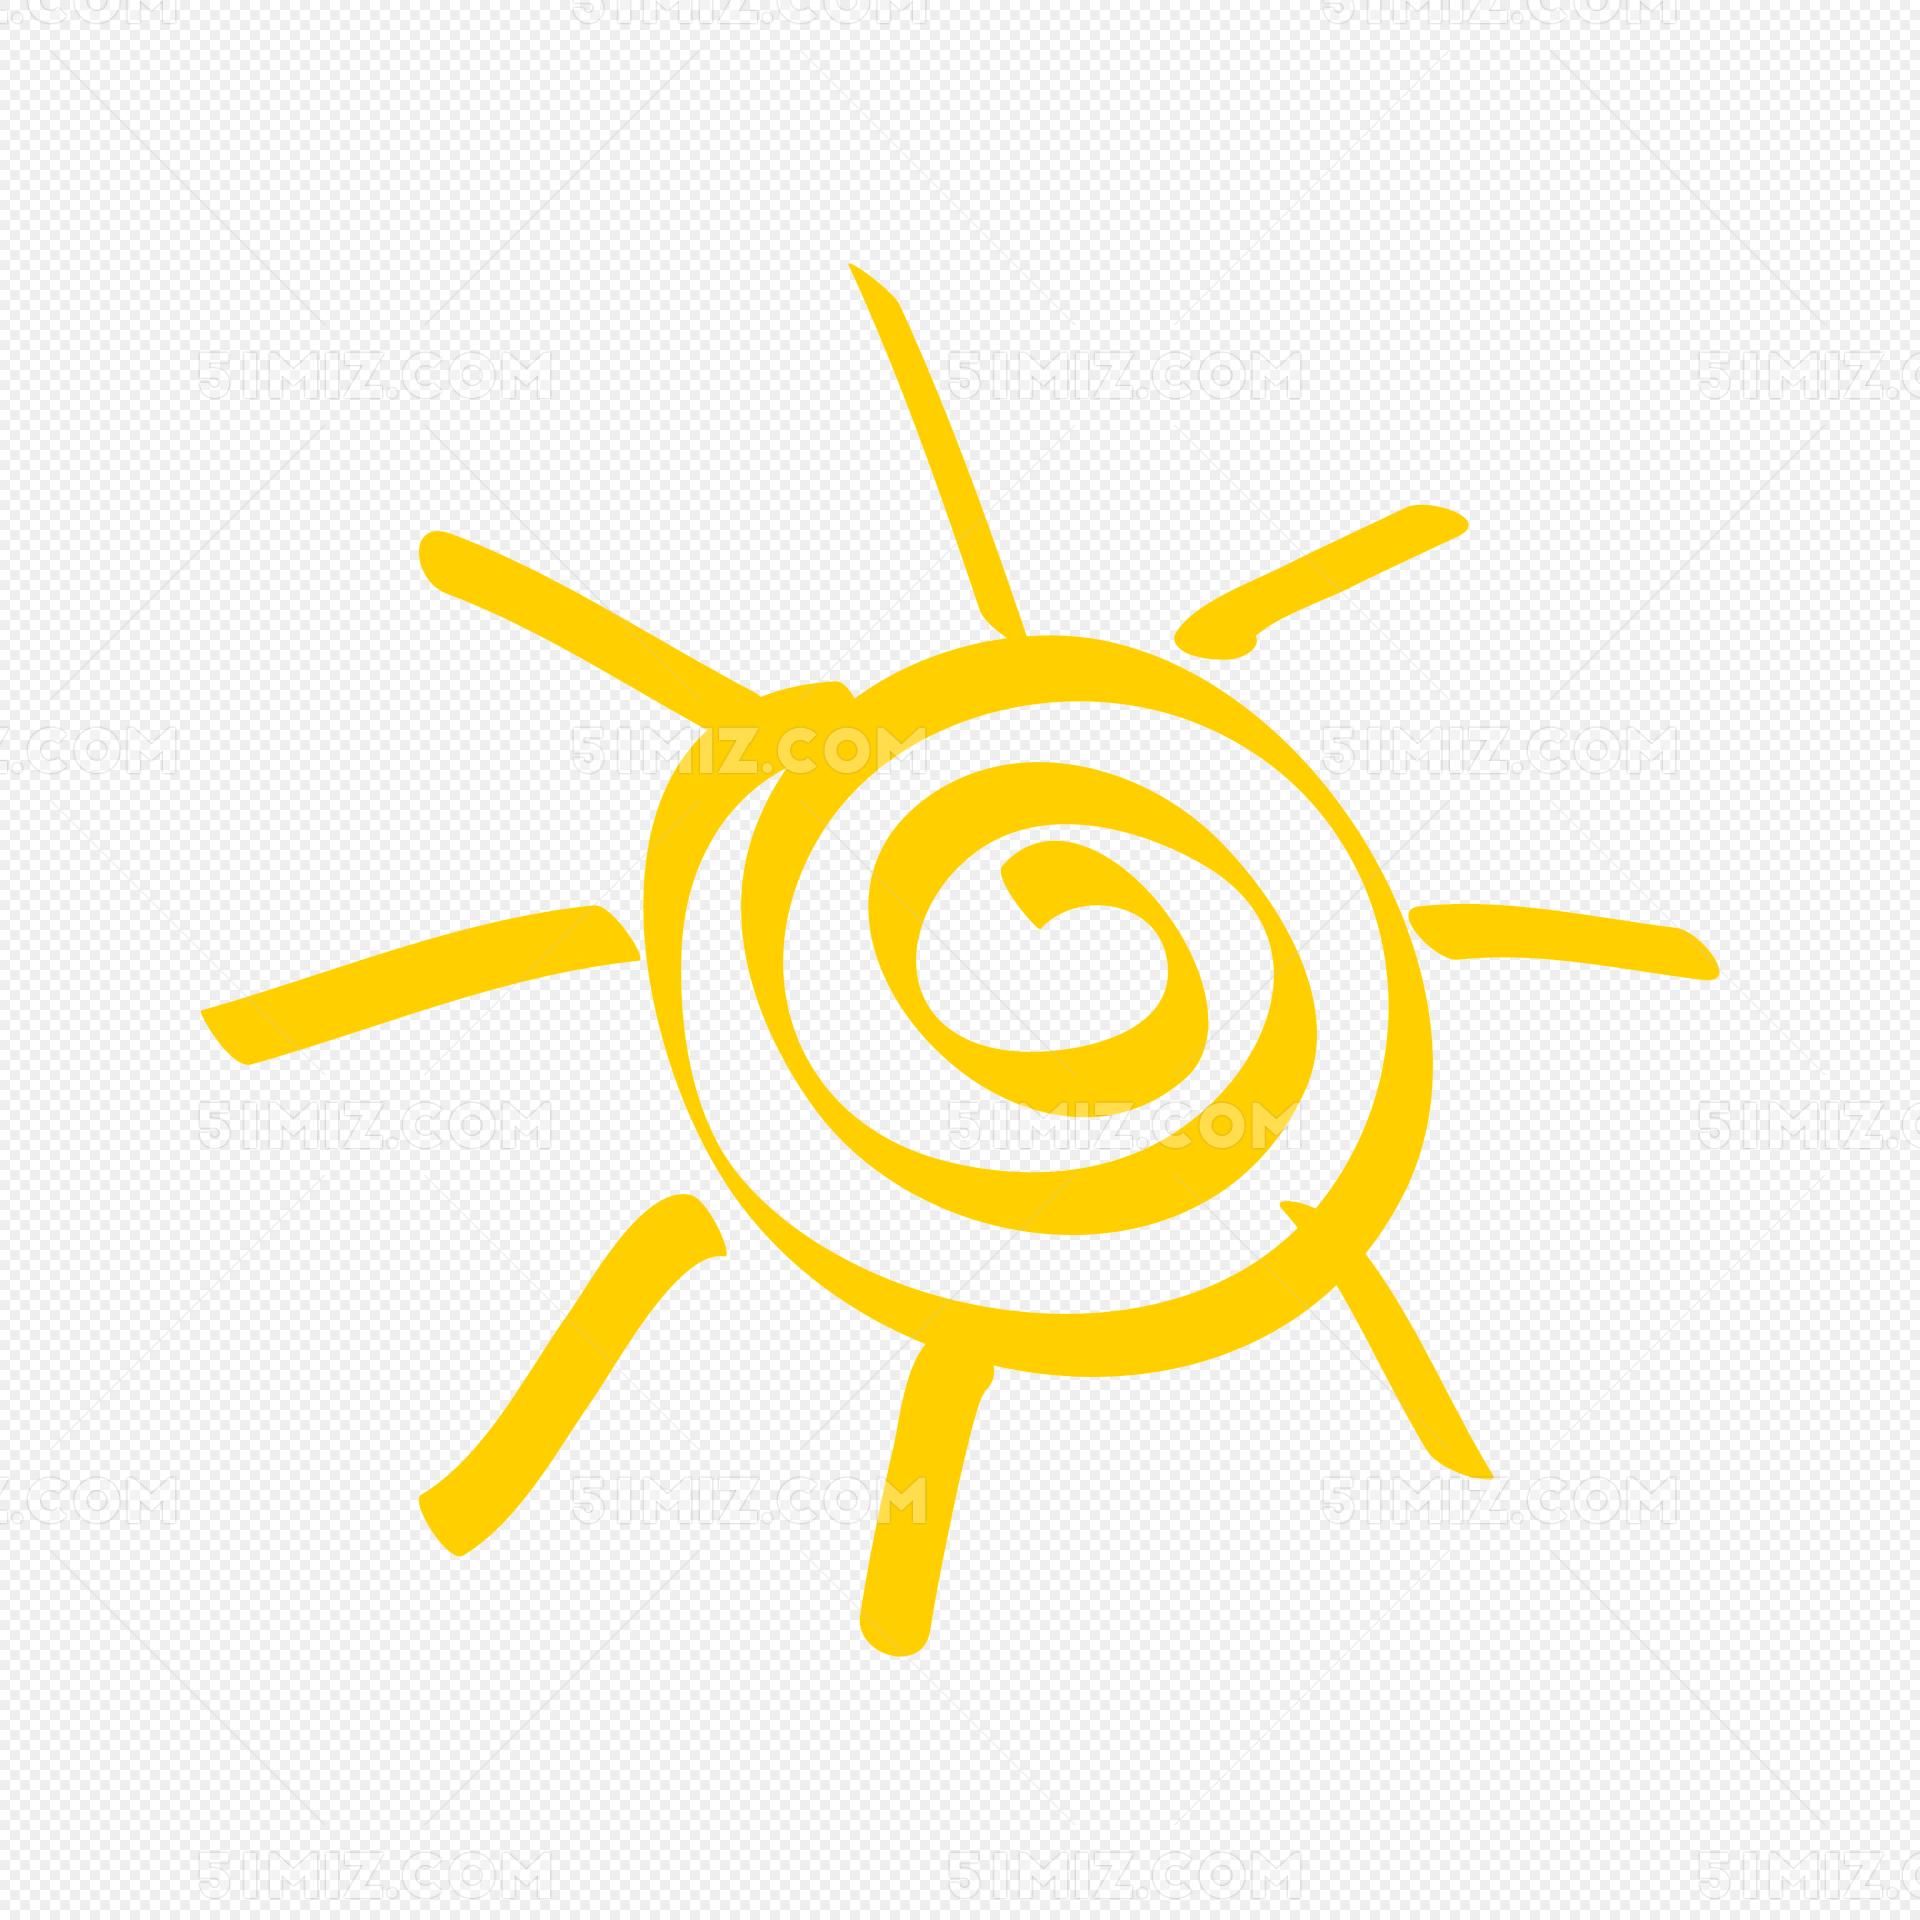 手绘太阳卡通手绘矢量ai线条图片素材免费下载_觅知网